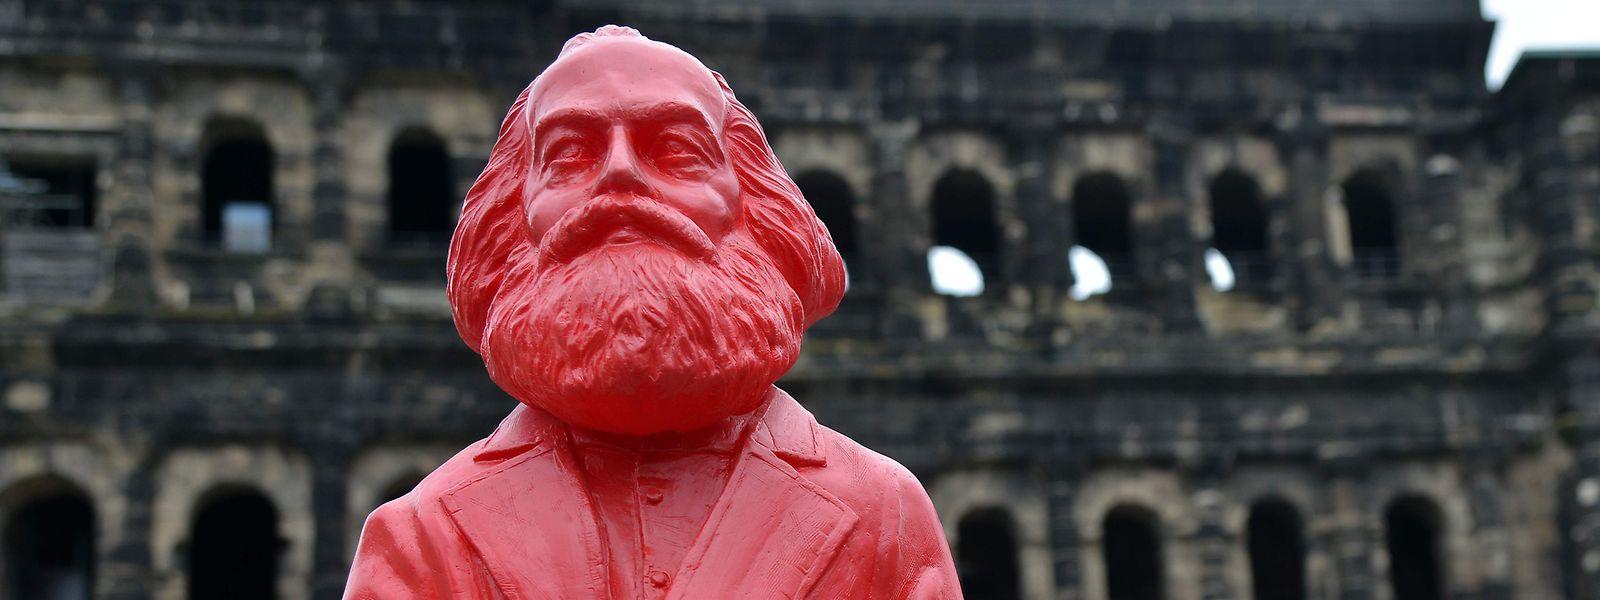 Trier möchte ein differenziertes und vorurteilsfreies Marx-Bild zeichnen.